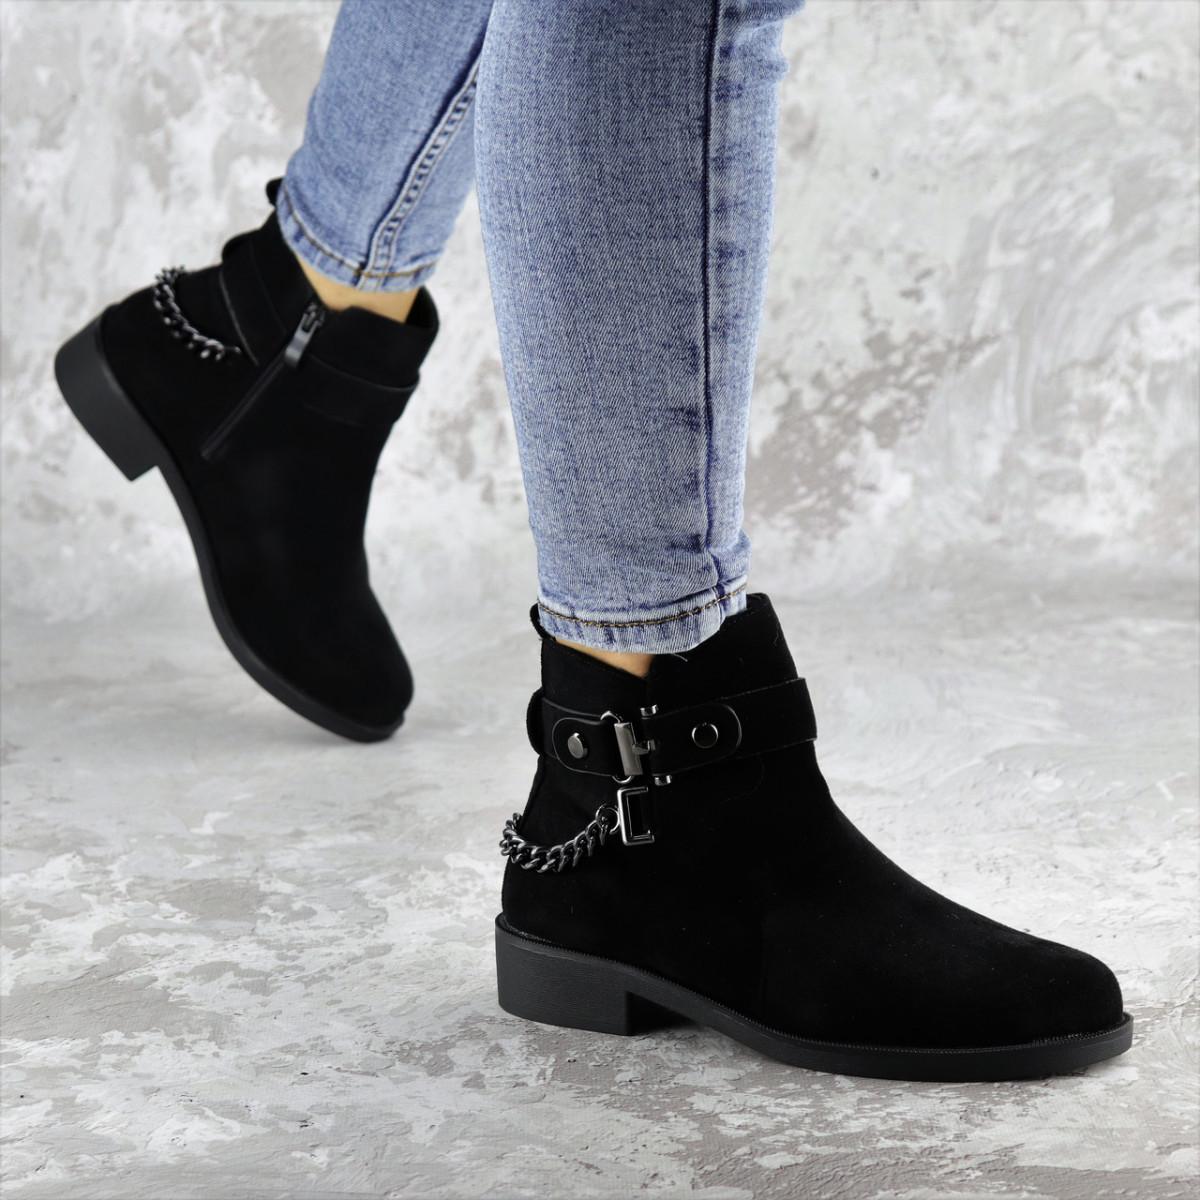 Ботинки женские Fashion Lade 1396 41 размер 25,5 см Черный